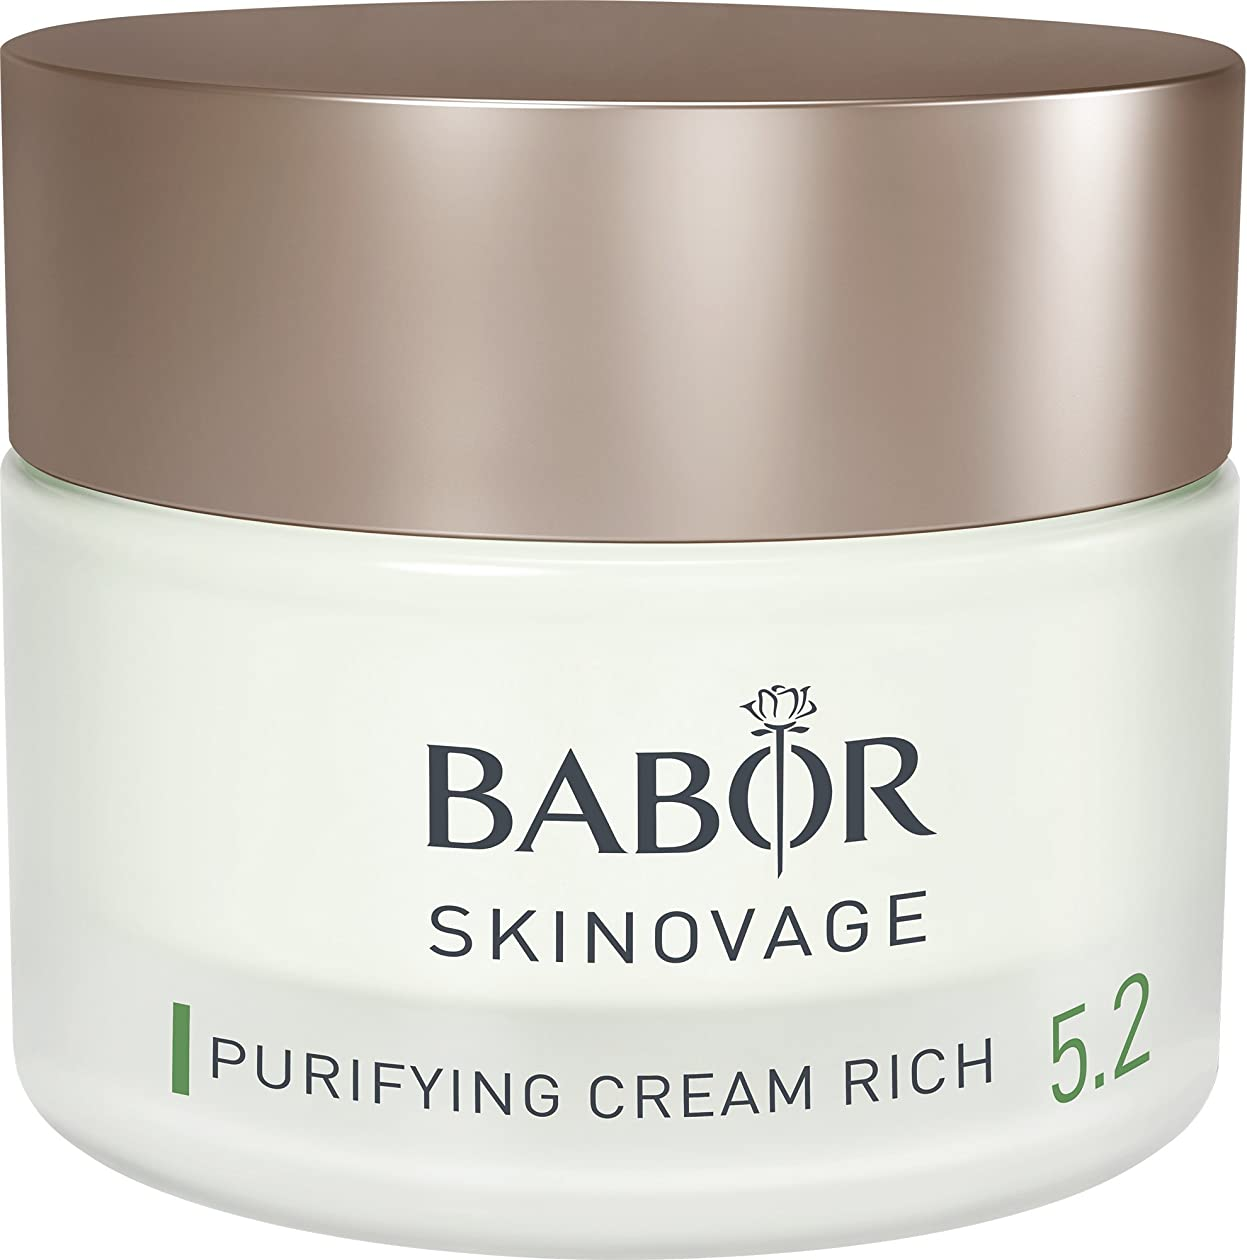 やがて棚サークルバボール Skinovage [Age Preventing] Purifying Cream Rich 5.2 - For Problem & Oily Skin 50ml/1.7oz並行輸入品